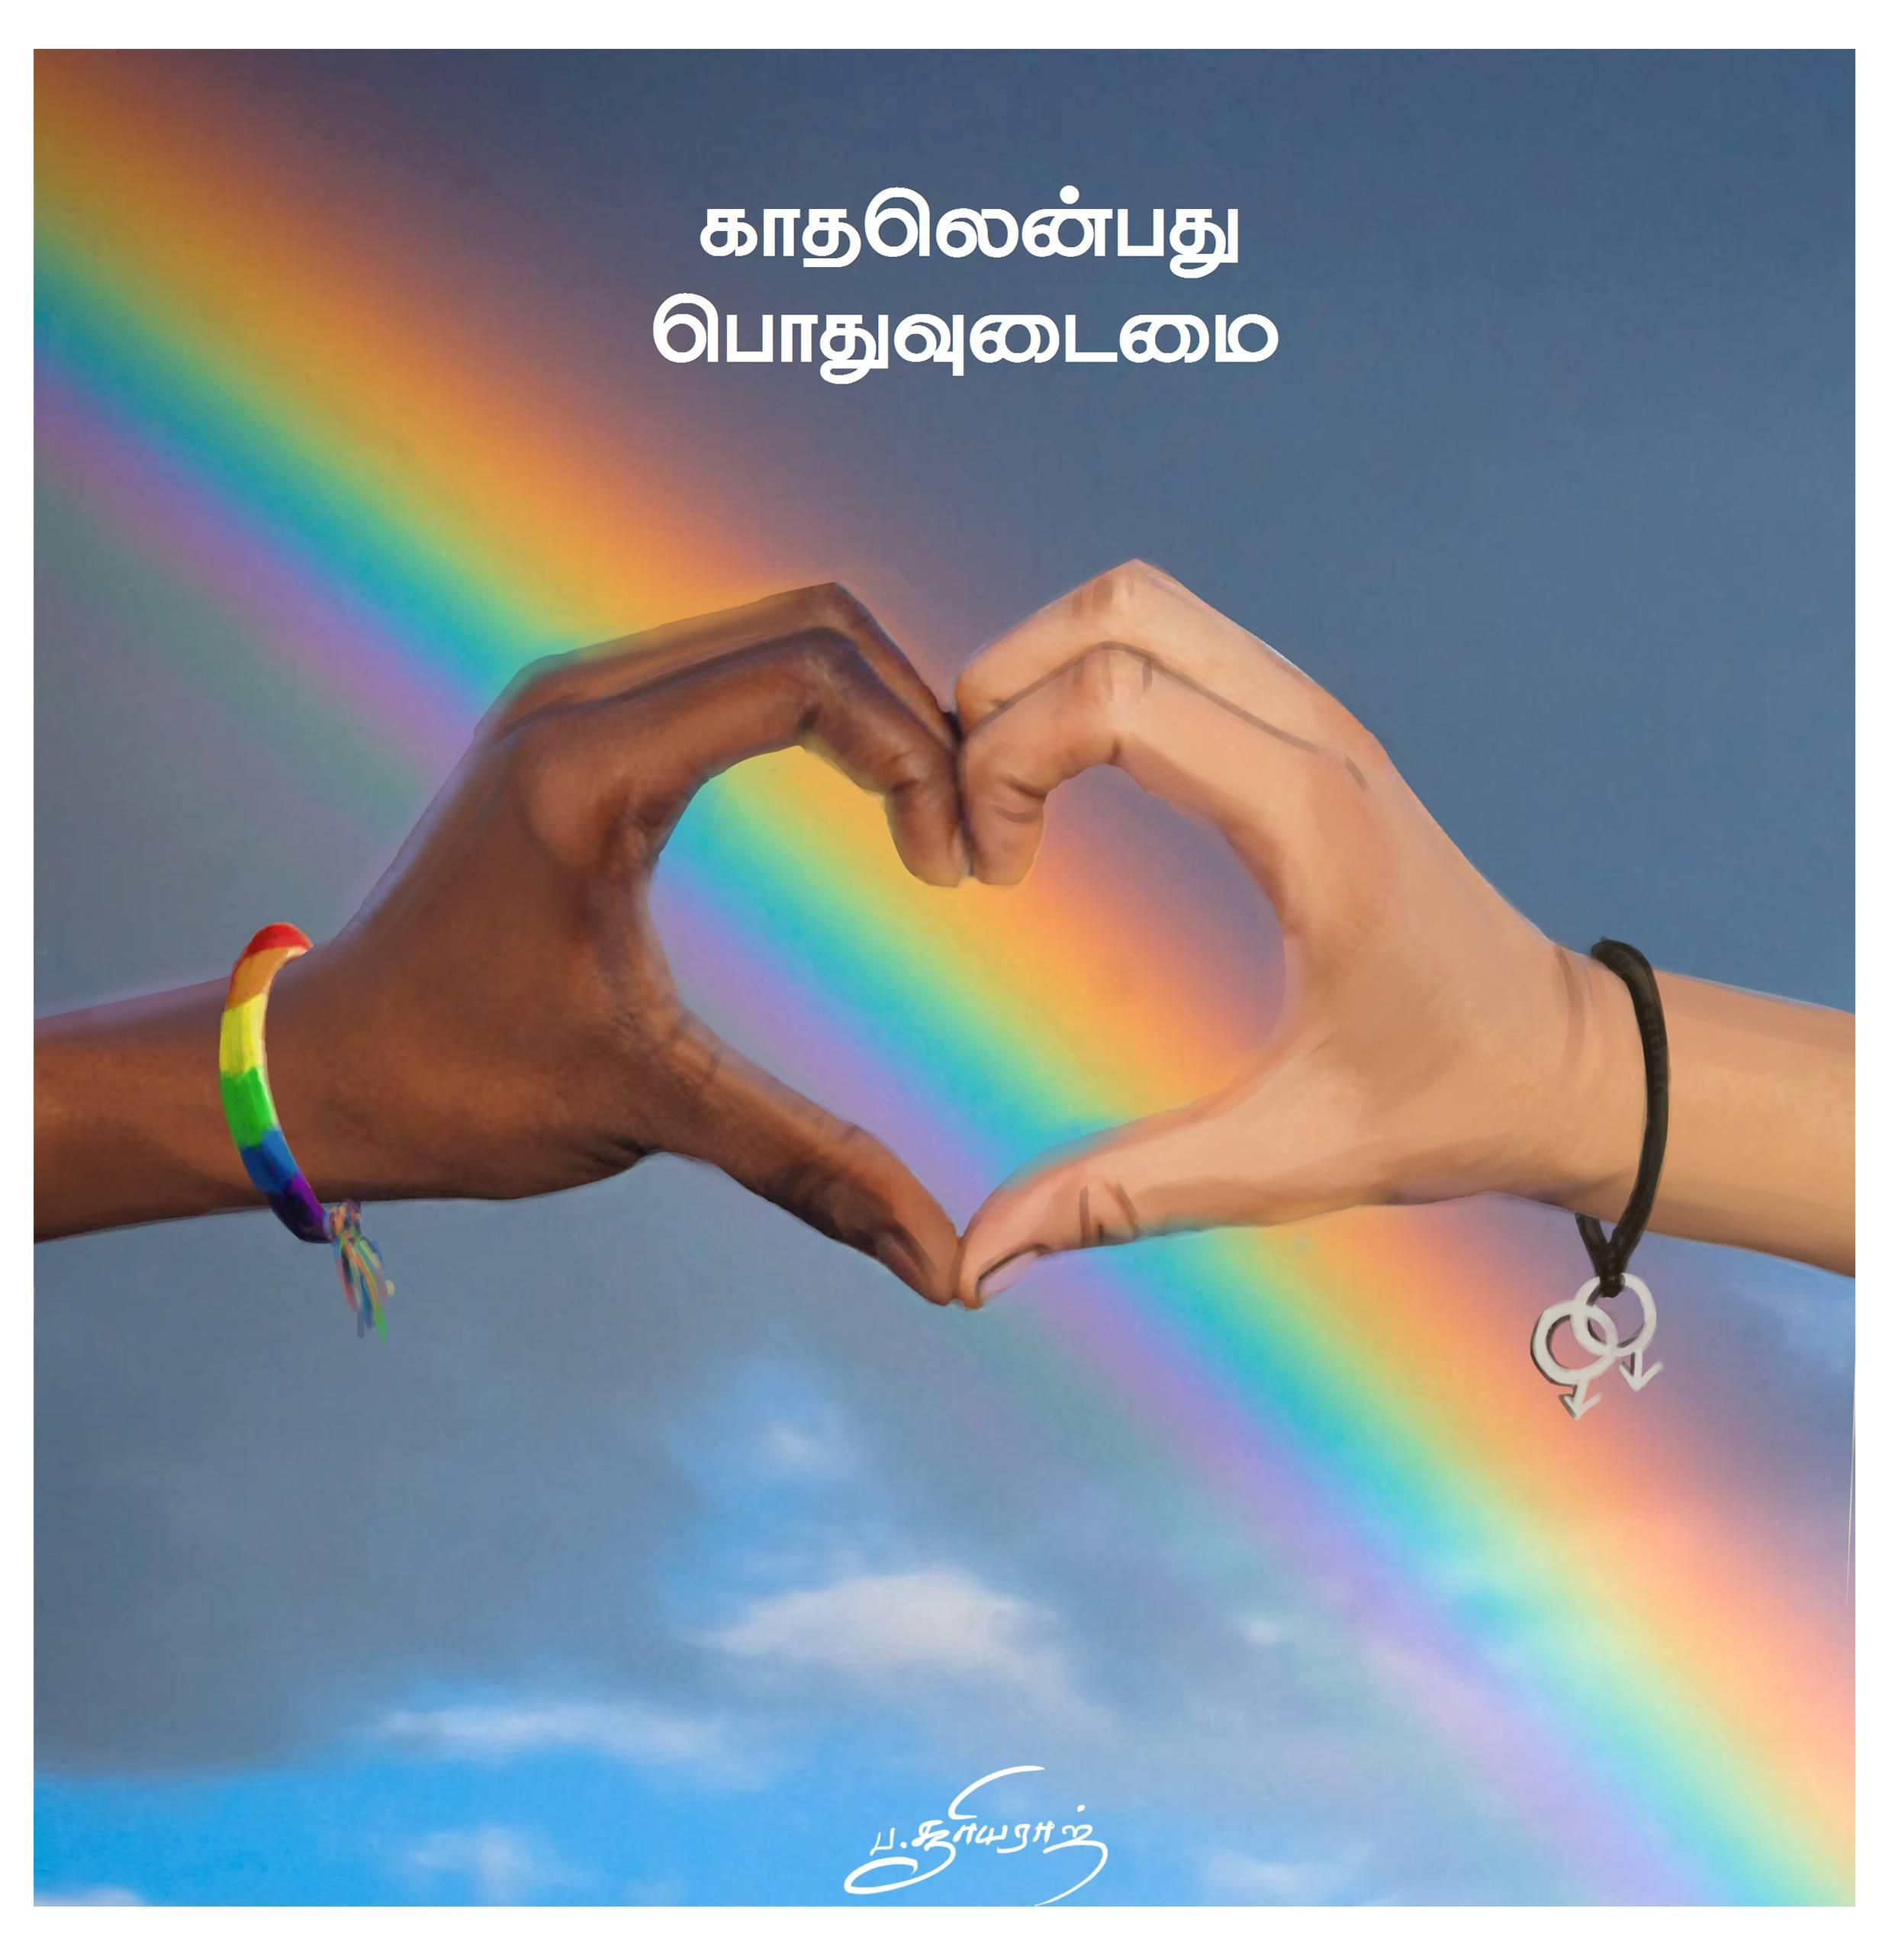 தன் பாலின ஈர்ப்பு - சாரு நிவேதிதா